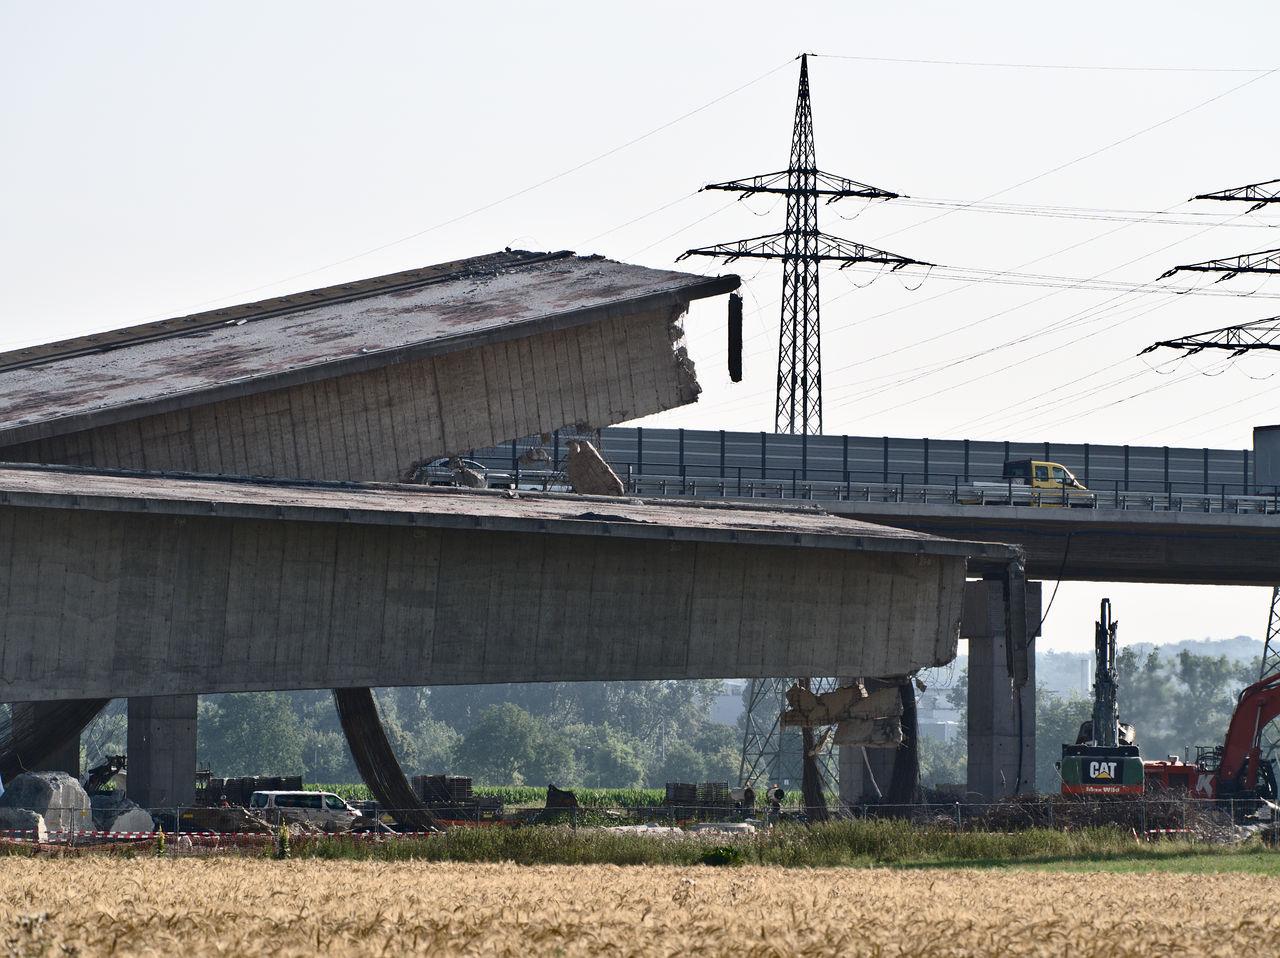 20190717_Autobahn_007